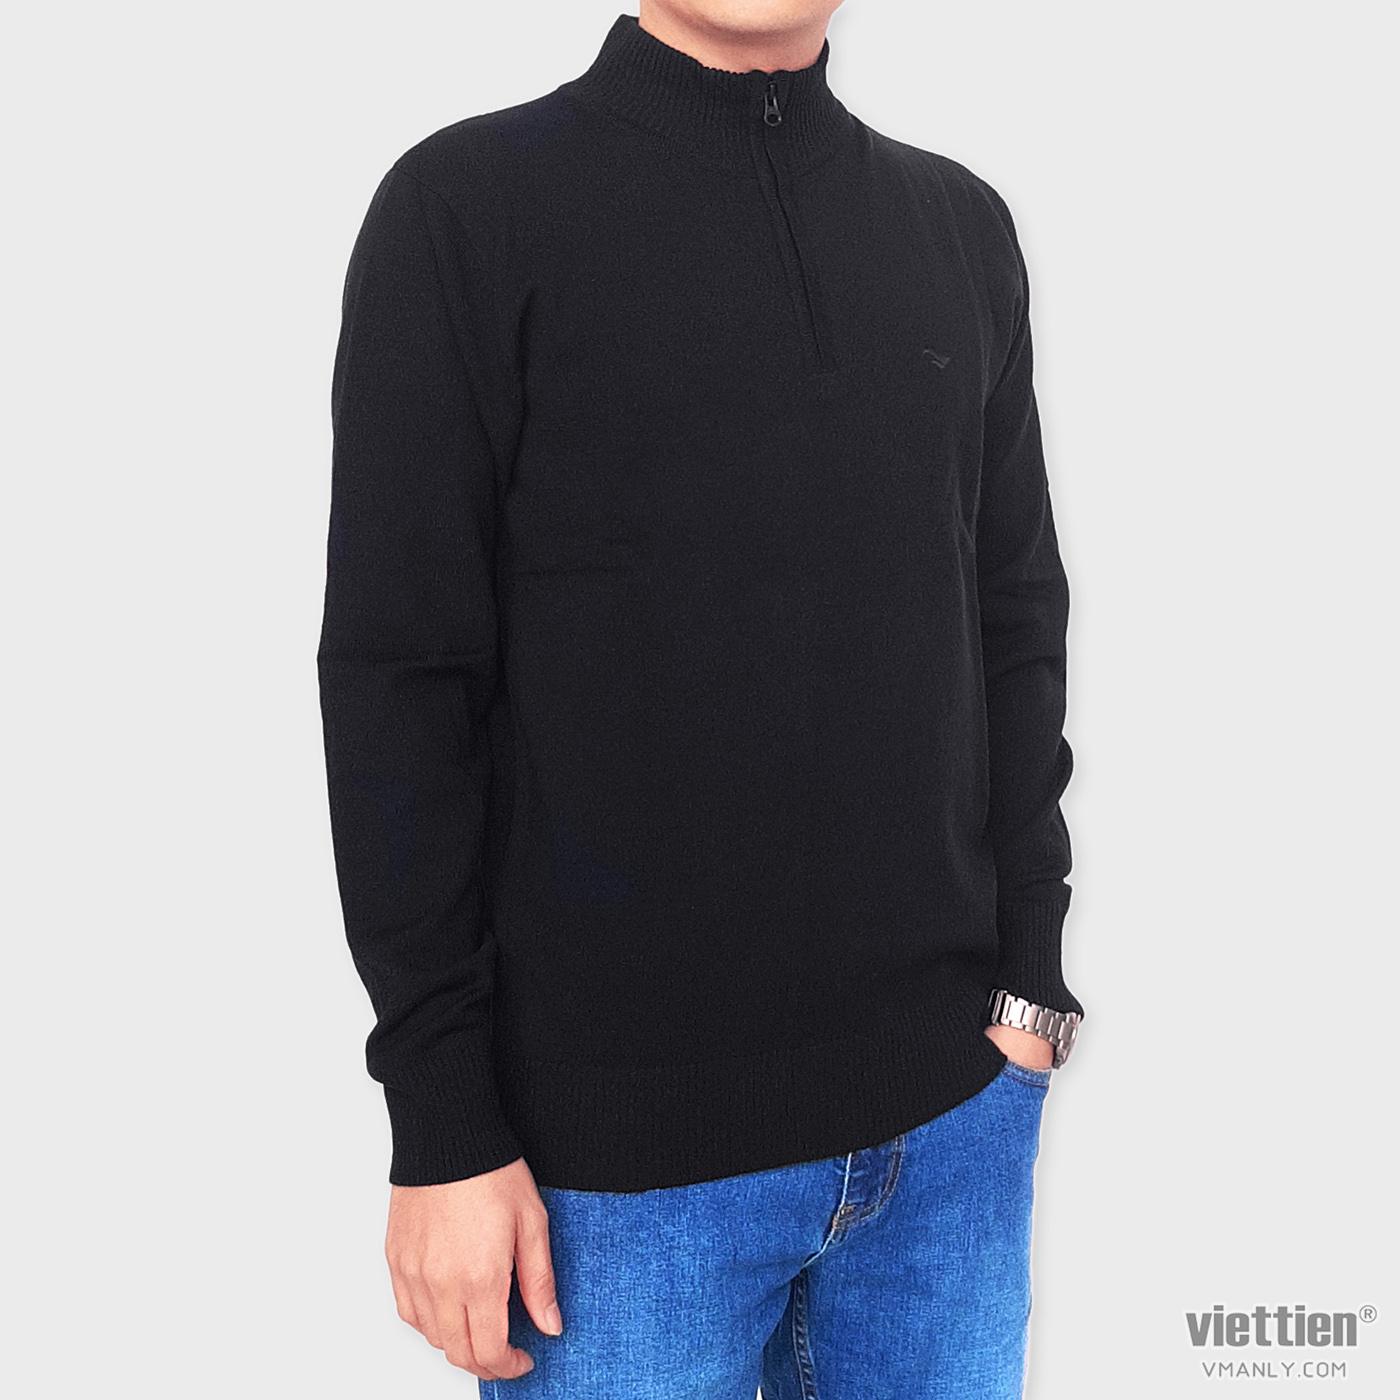 Áo len dài tay Việt Tiến cổ cao 6 phân màu đen có khóa kéo 6F9020CH5/LC